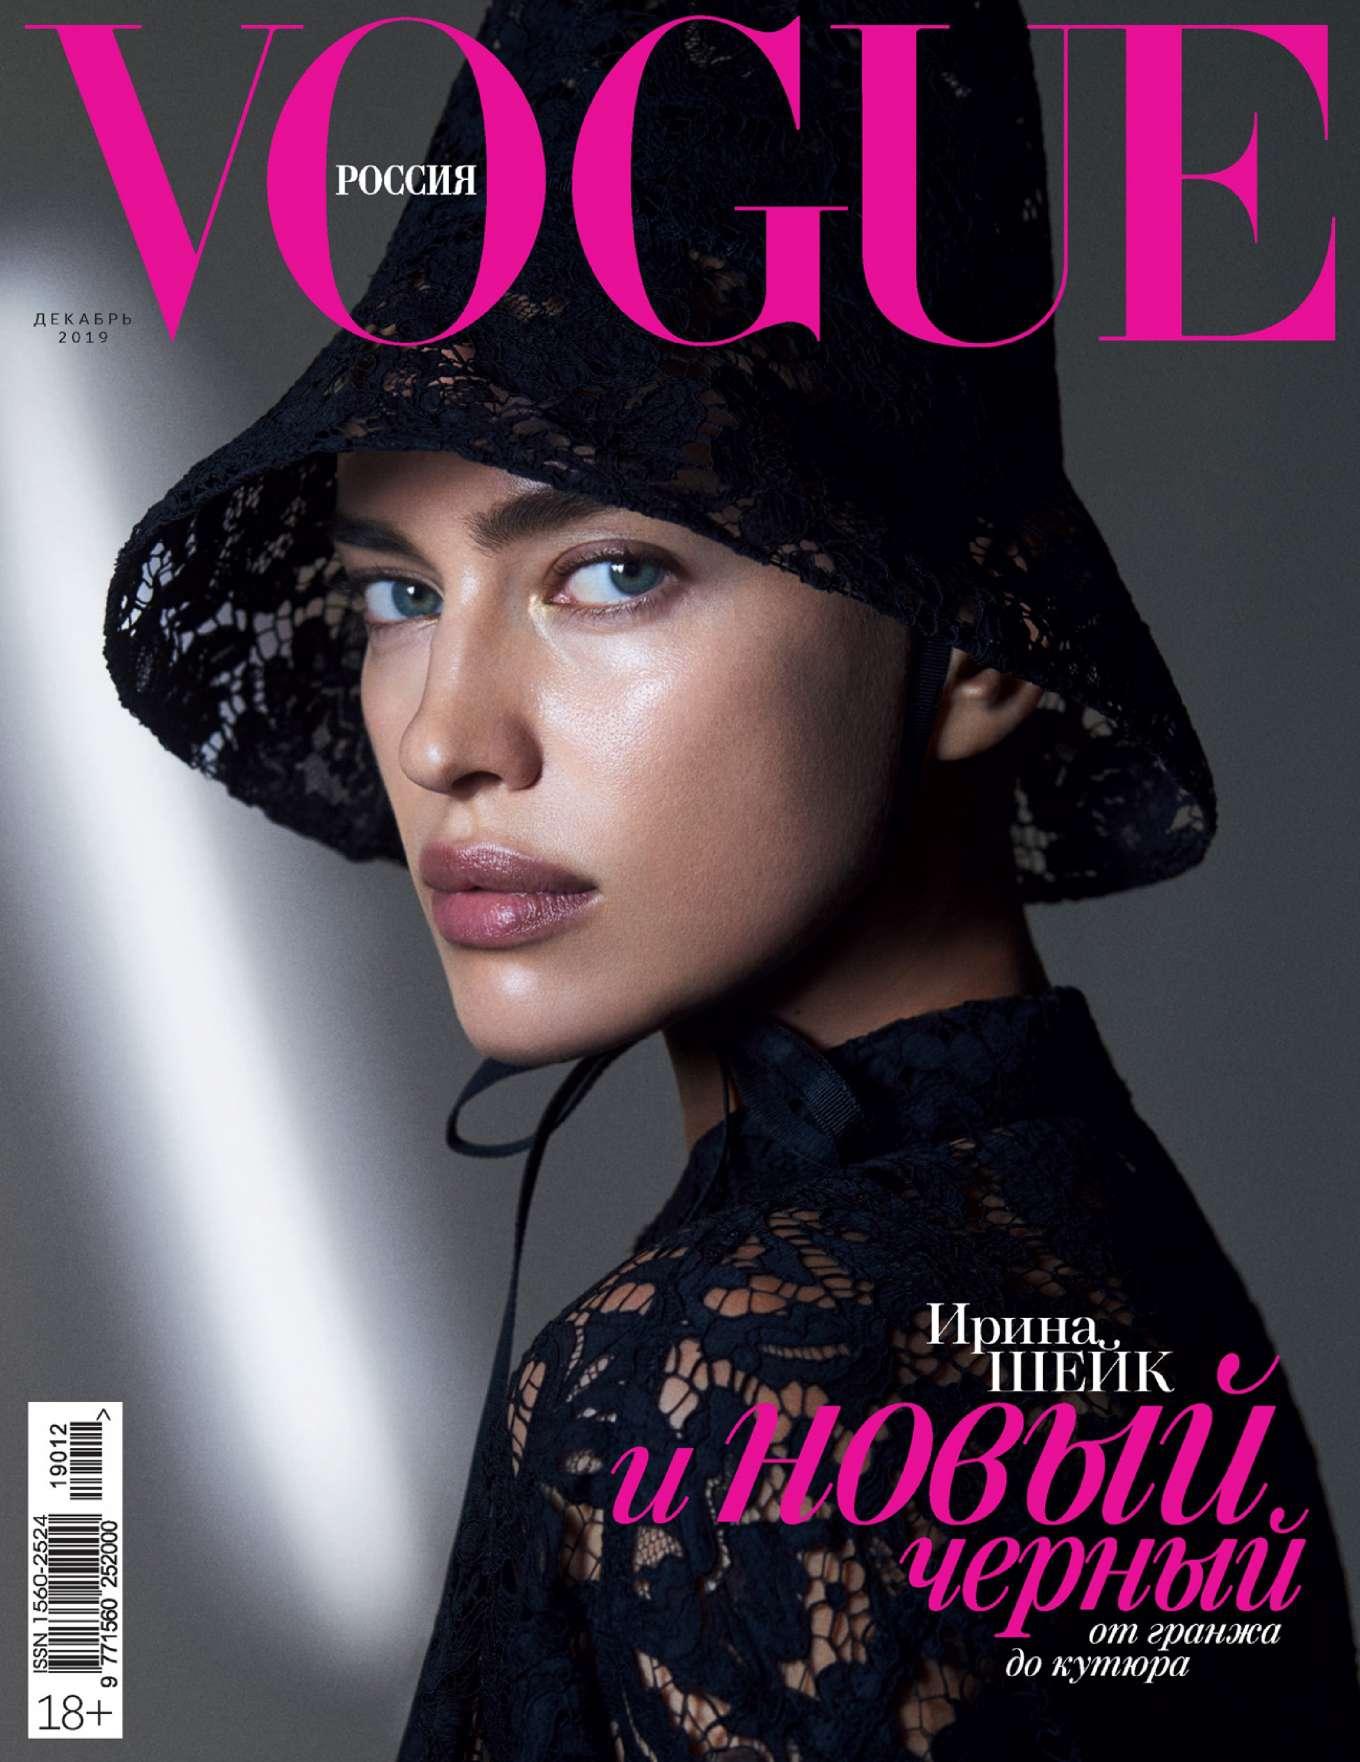 Stella Maxwell 2019 : Stella Maxwell – Vogue Russia 2019-13